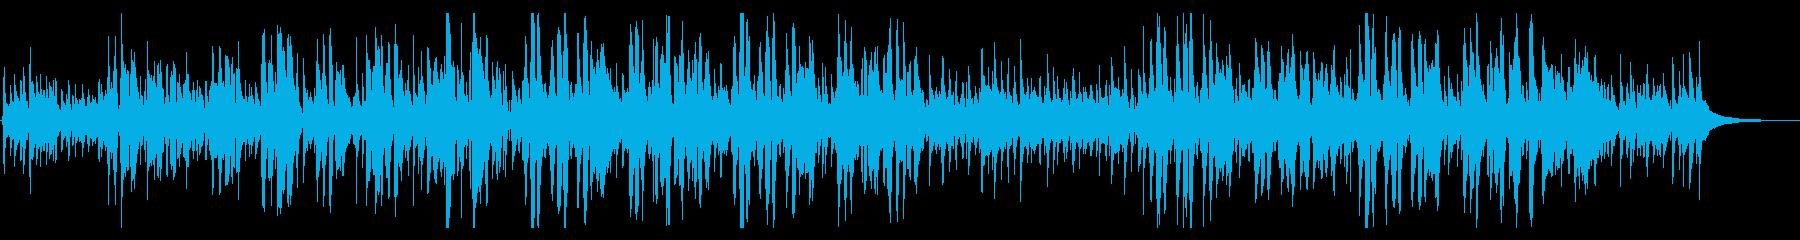 クリスマス曲、ゆったりしたジングルベルの再生済みの波形